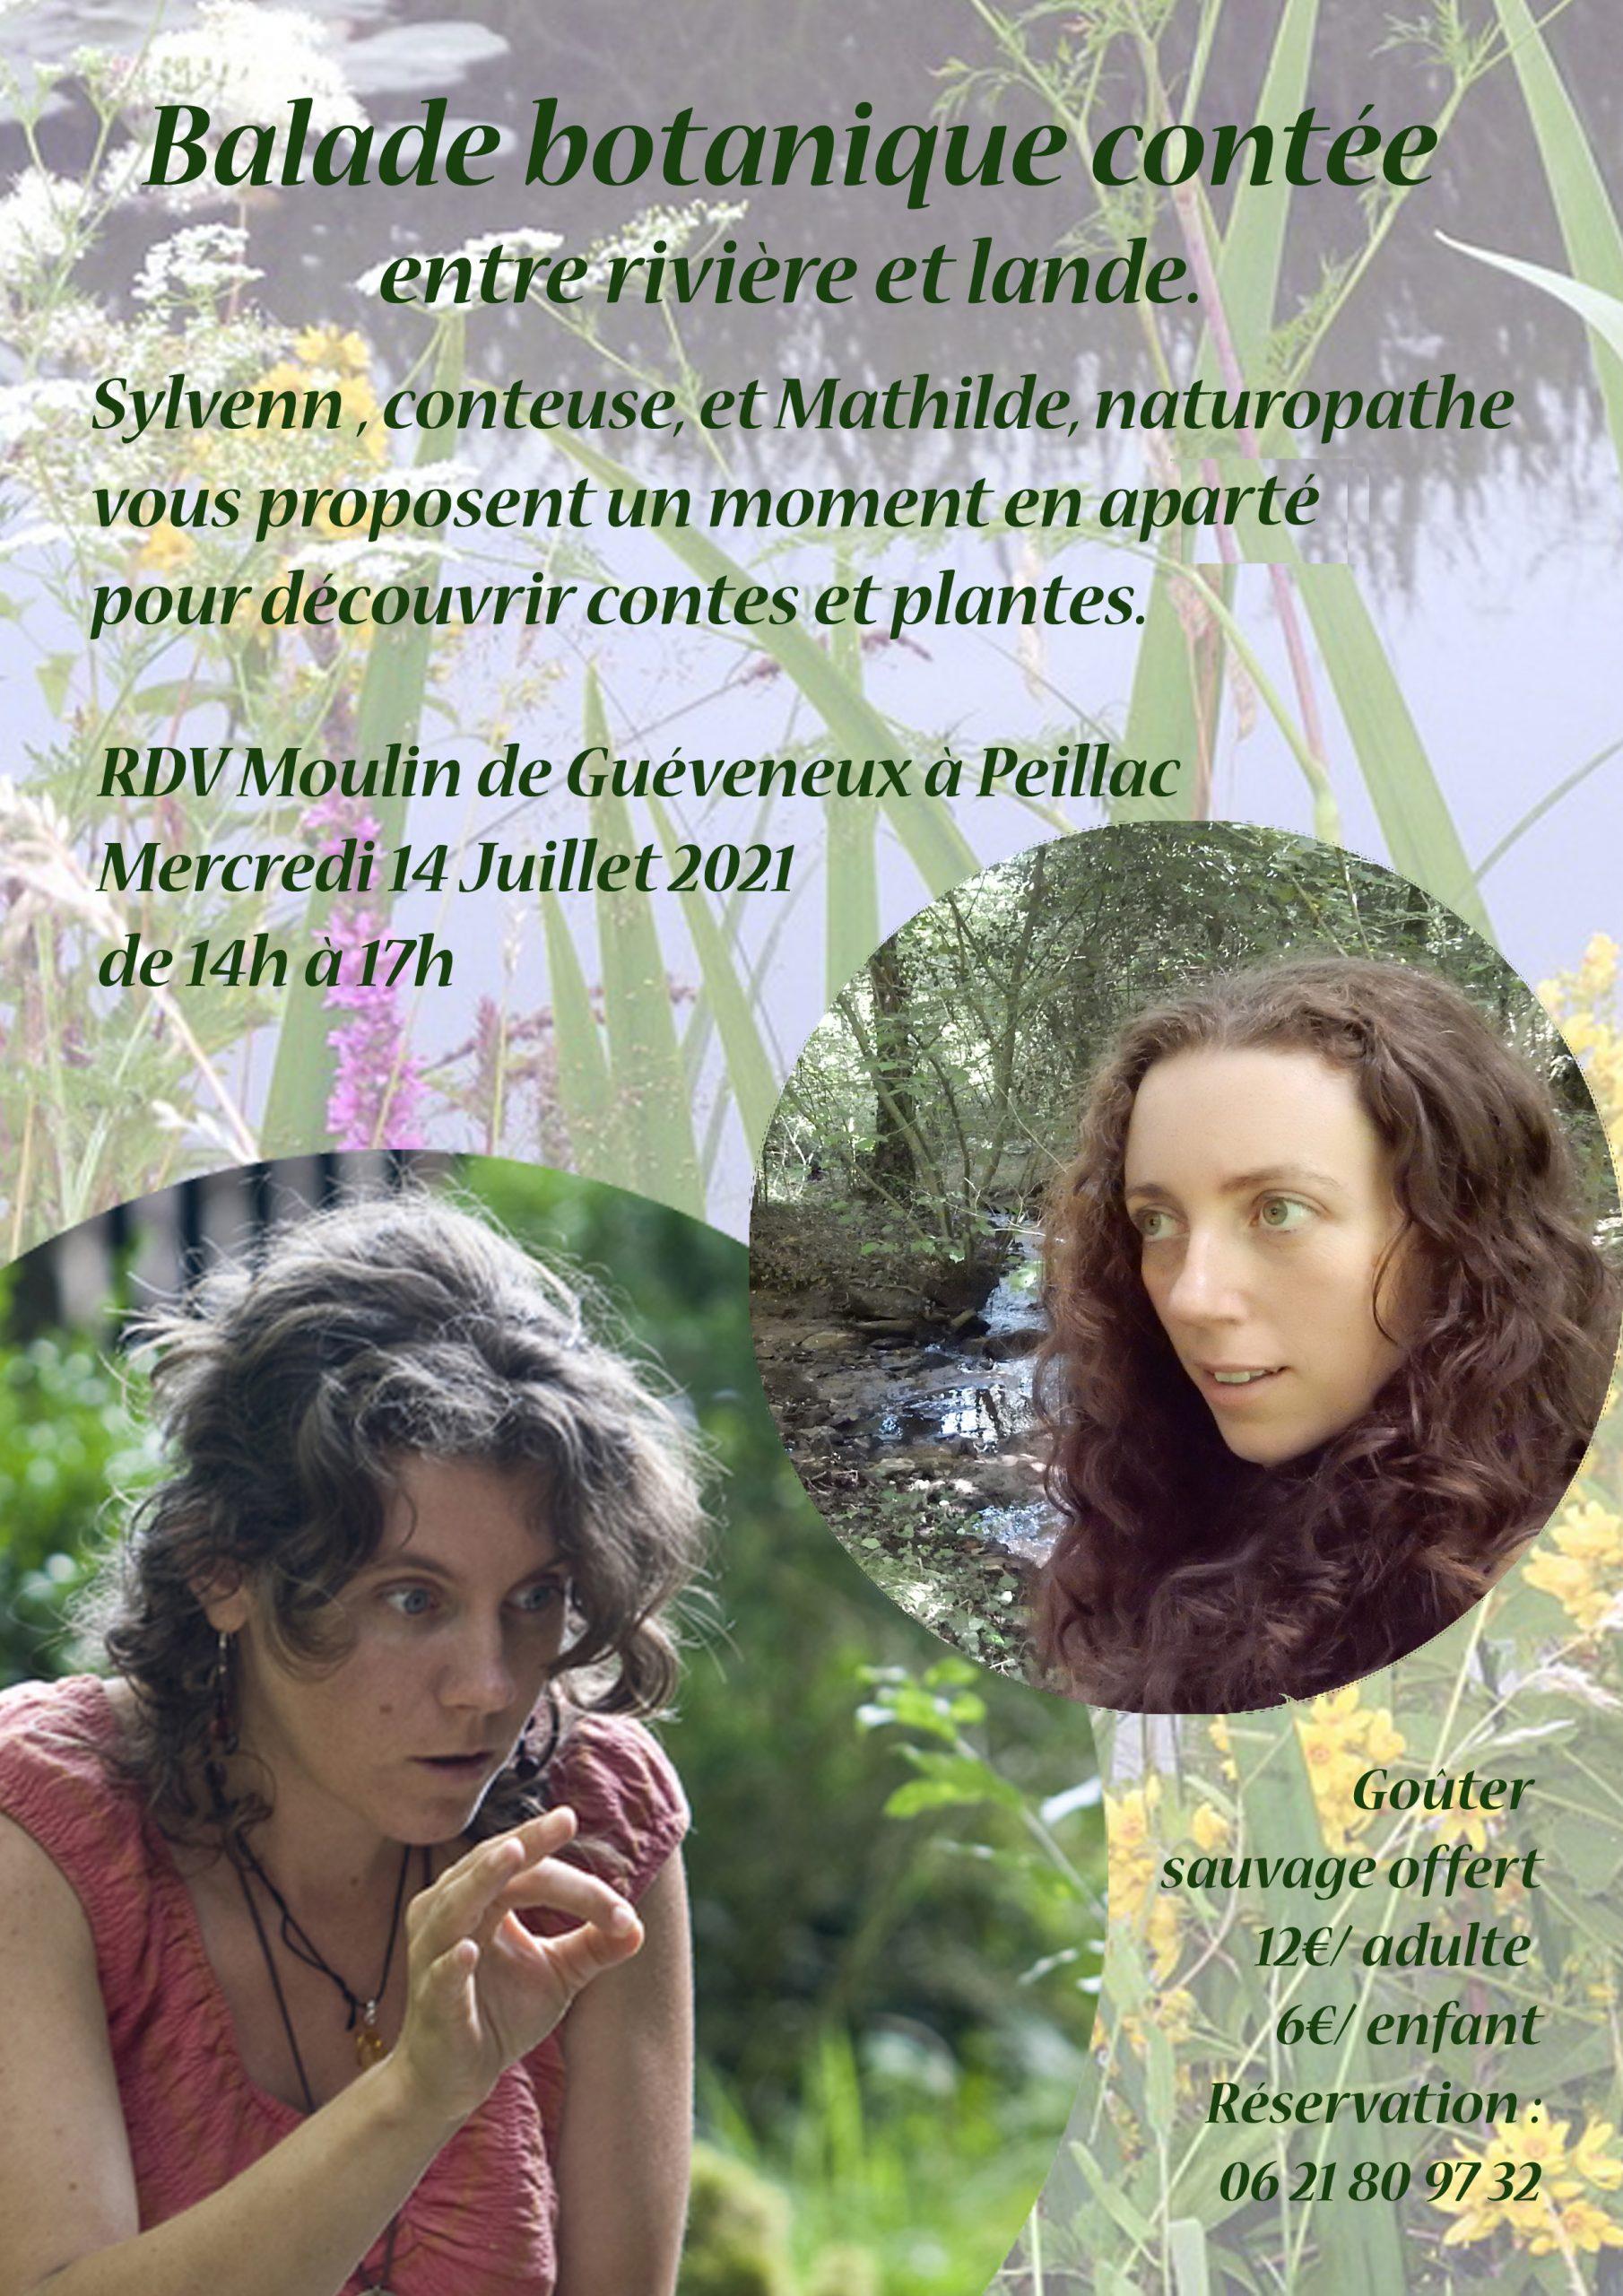 Balade botanique contée